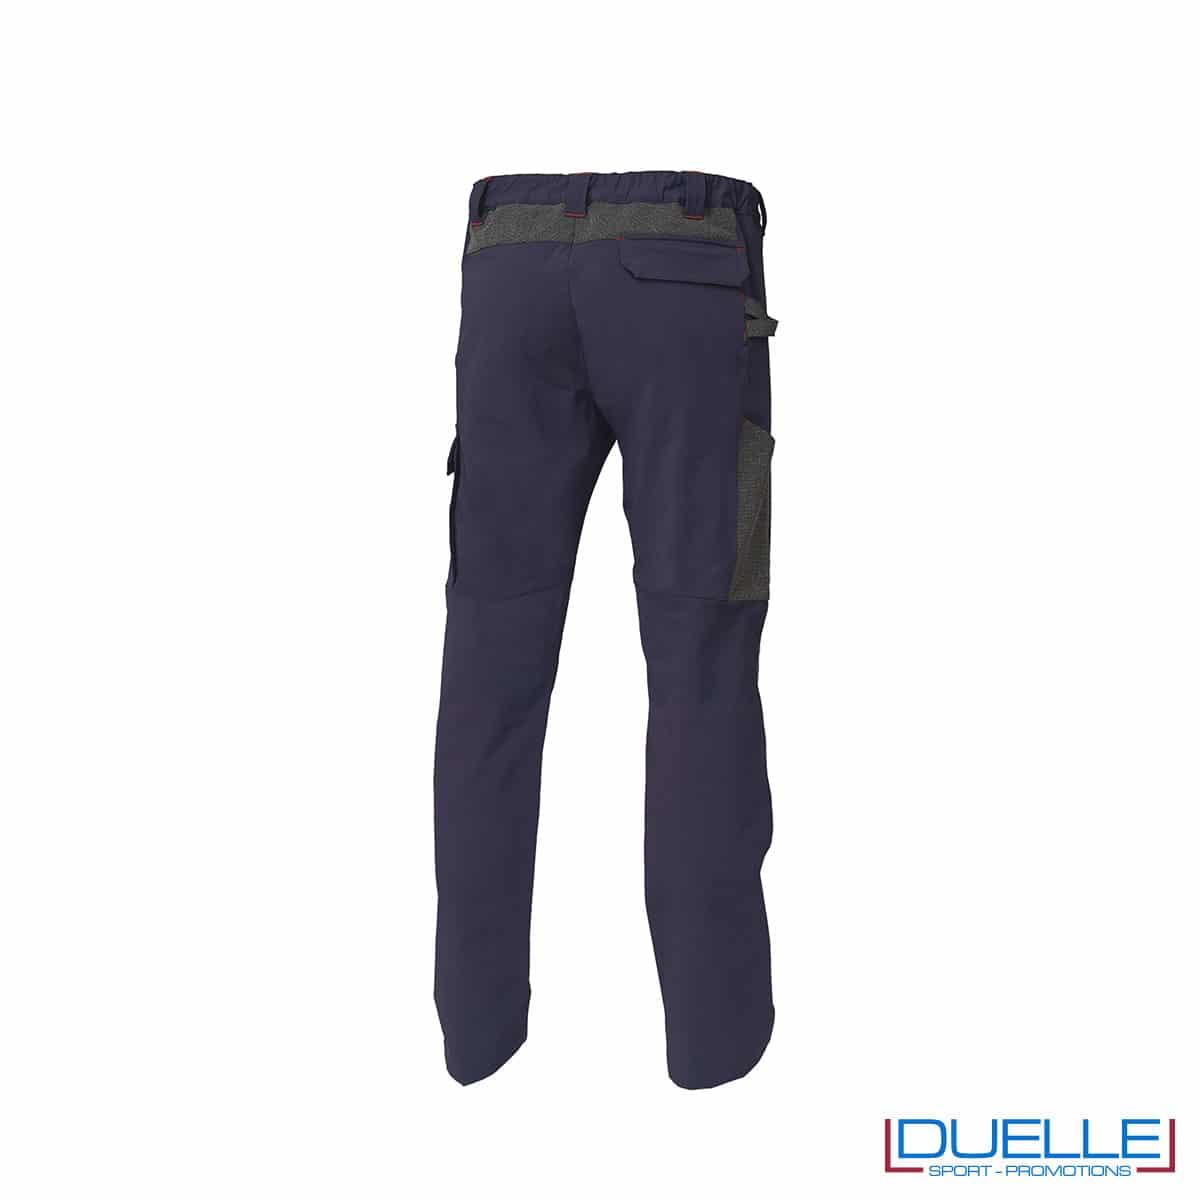 Retro Pantalone Finder Siggi colore blu personalizzato